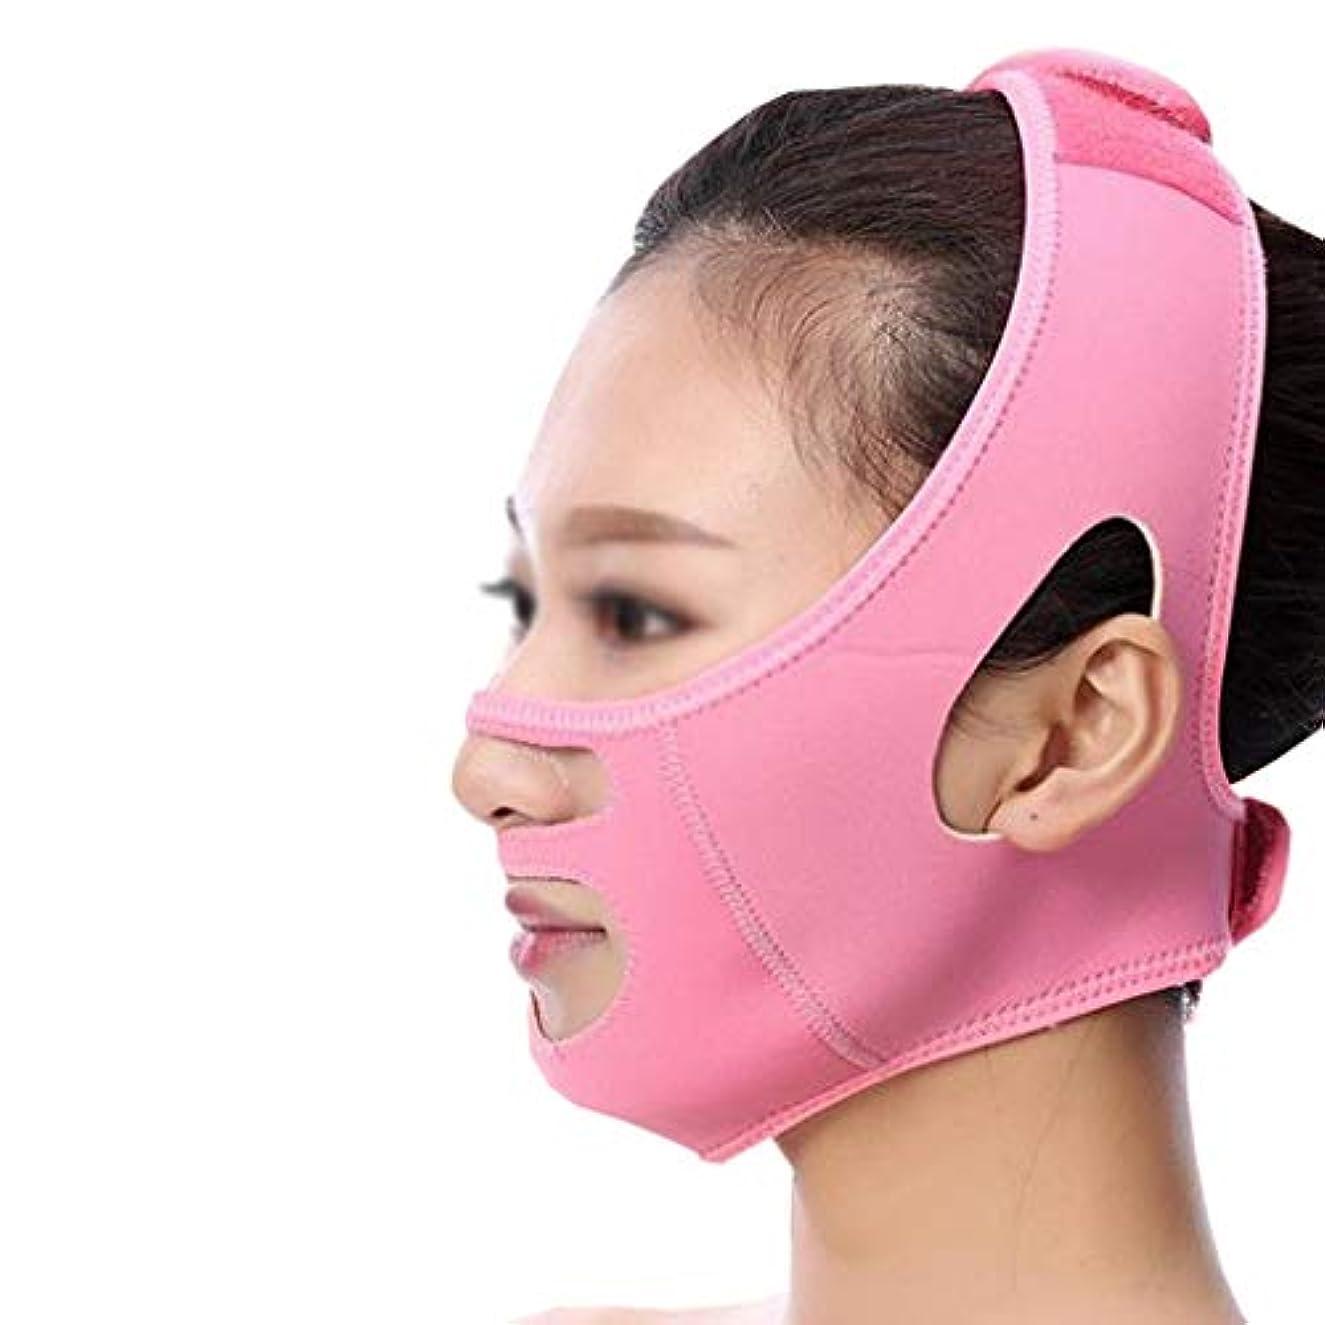 民間困った同一のZWBD フェイスマスク, フェイスリフティングフェイスリフティングフェイスリフティングフェイスマスク機器フェイスリフティング包帯男性と女性肌引き締めしわ防止法律パターン薄い顔の楽器フェイスリフティングアーティファクト